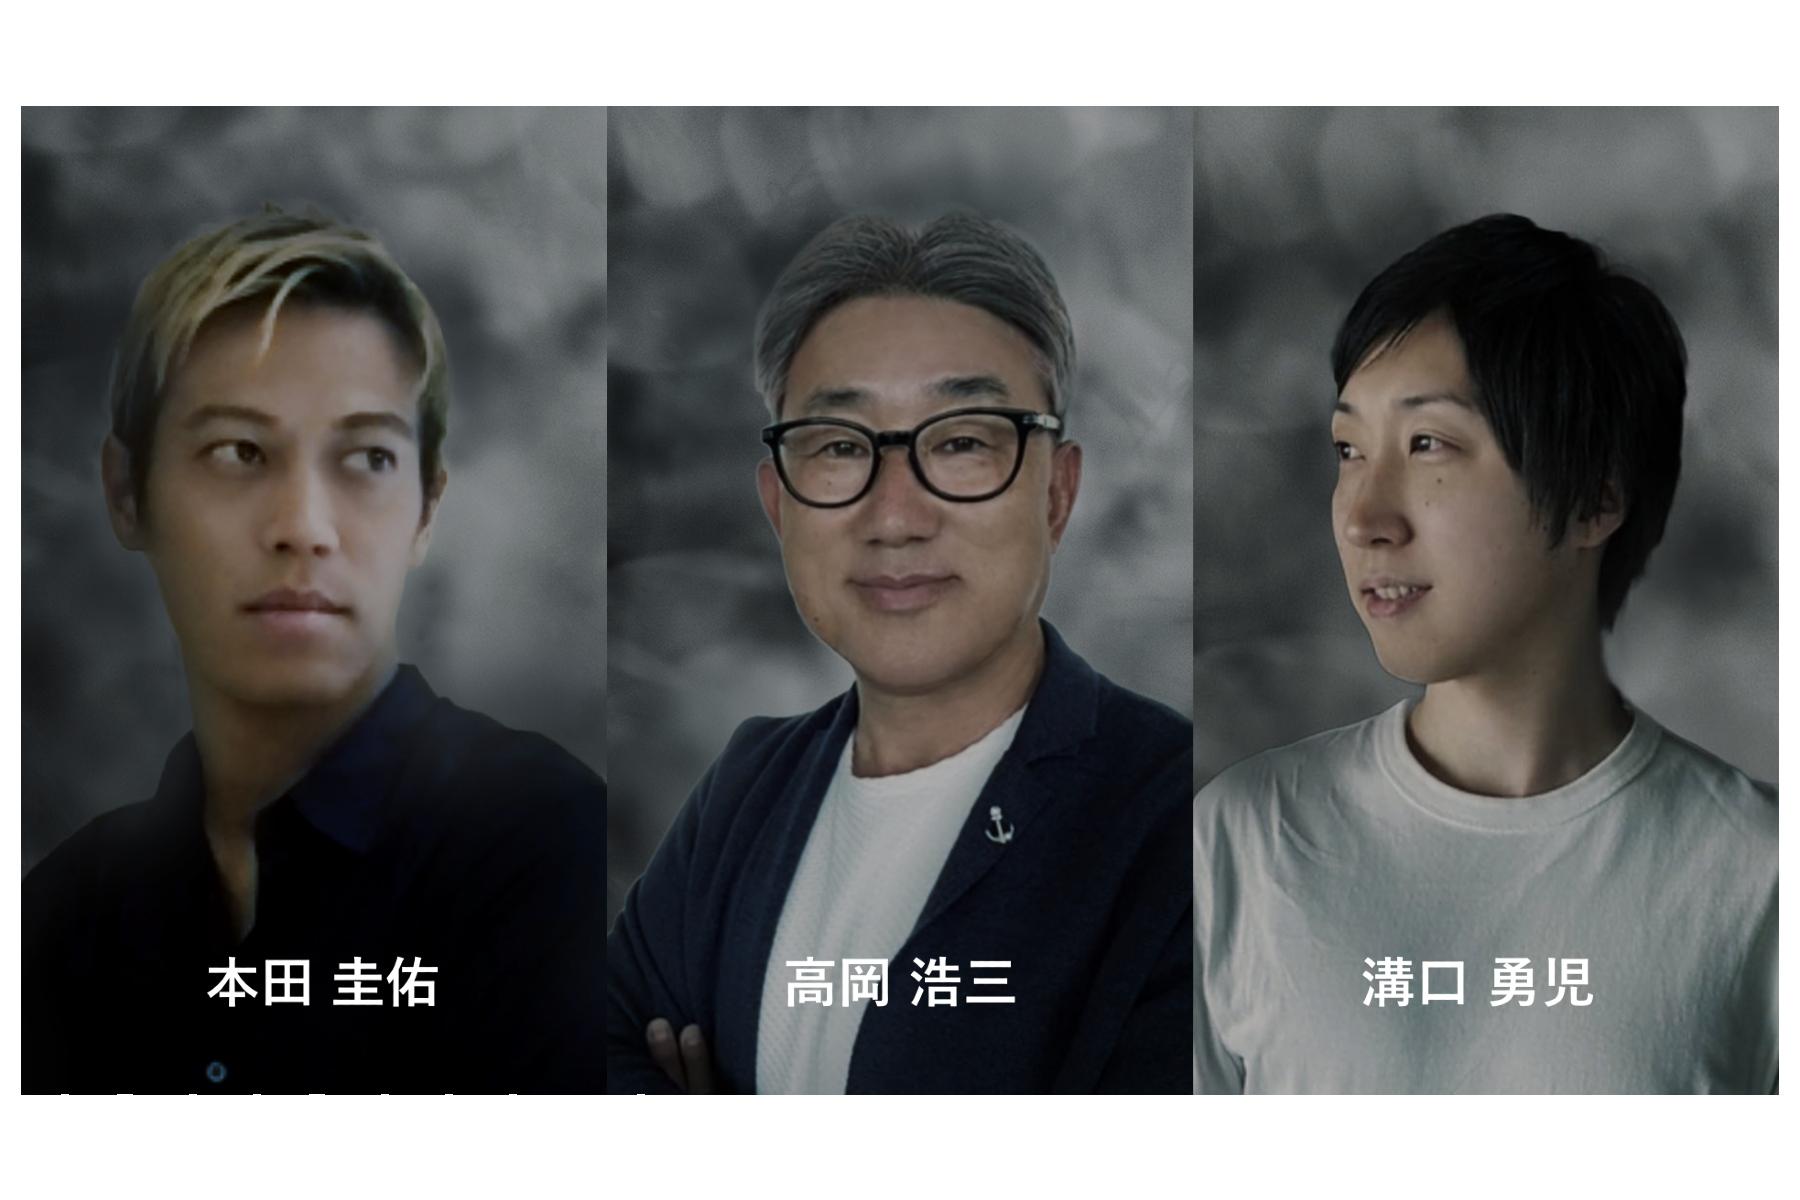 本田圭佑氏・高岡浩三氏・溝口勇児氏が21世紀の課題解決に挑戦するファンドを設立